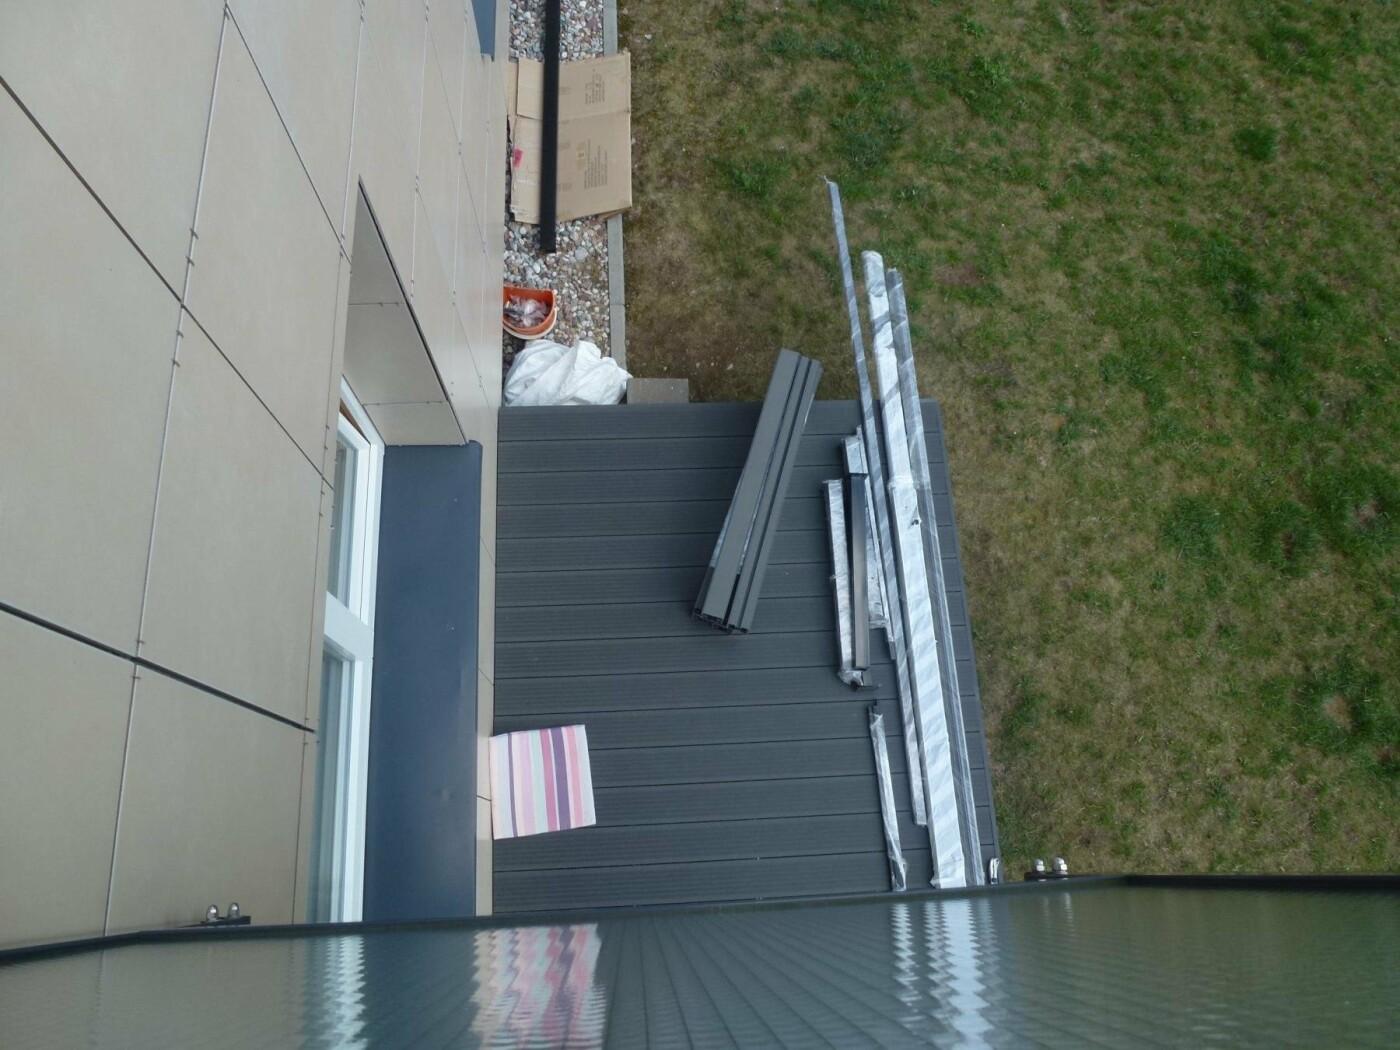 Kaimynų pasipiktinimą sukėlusi terasa: vieniems išsigelbėjimas, kitiems – baisus šašas, nuotrauka-3